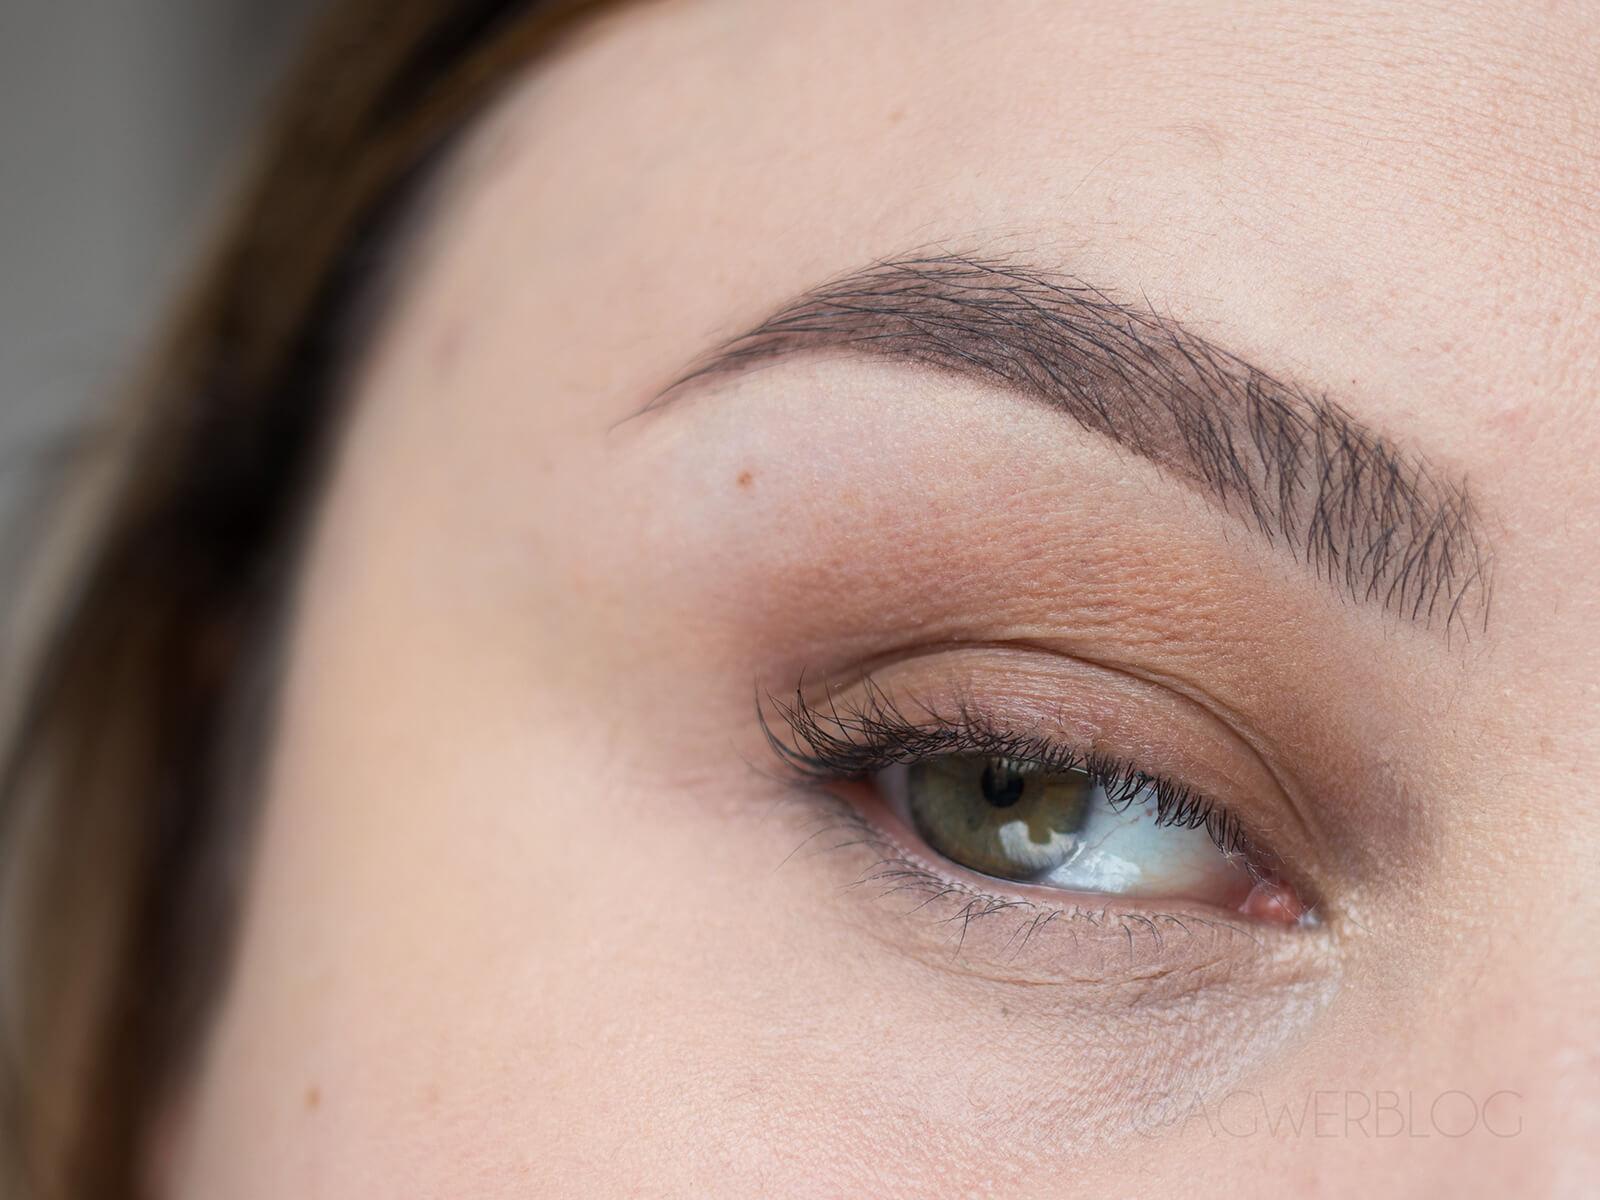 najczęstsze błędy w makijażu oczu